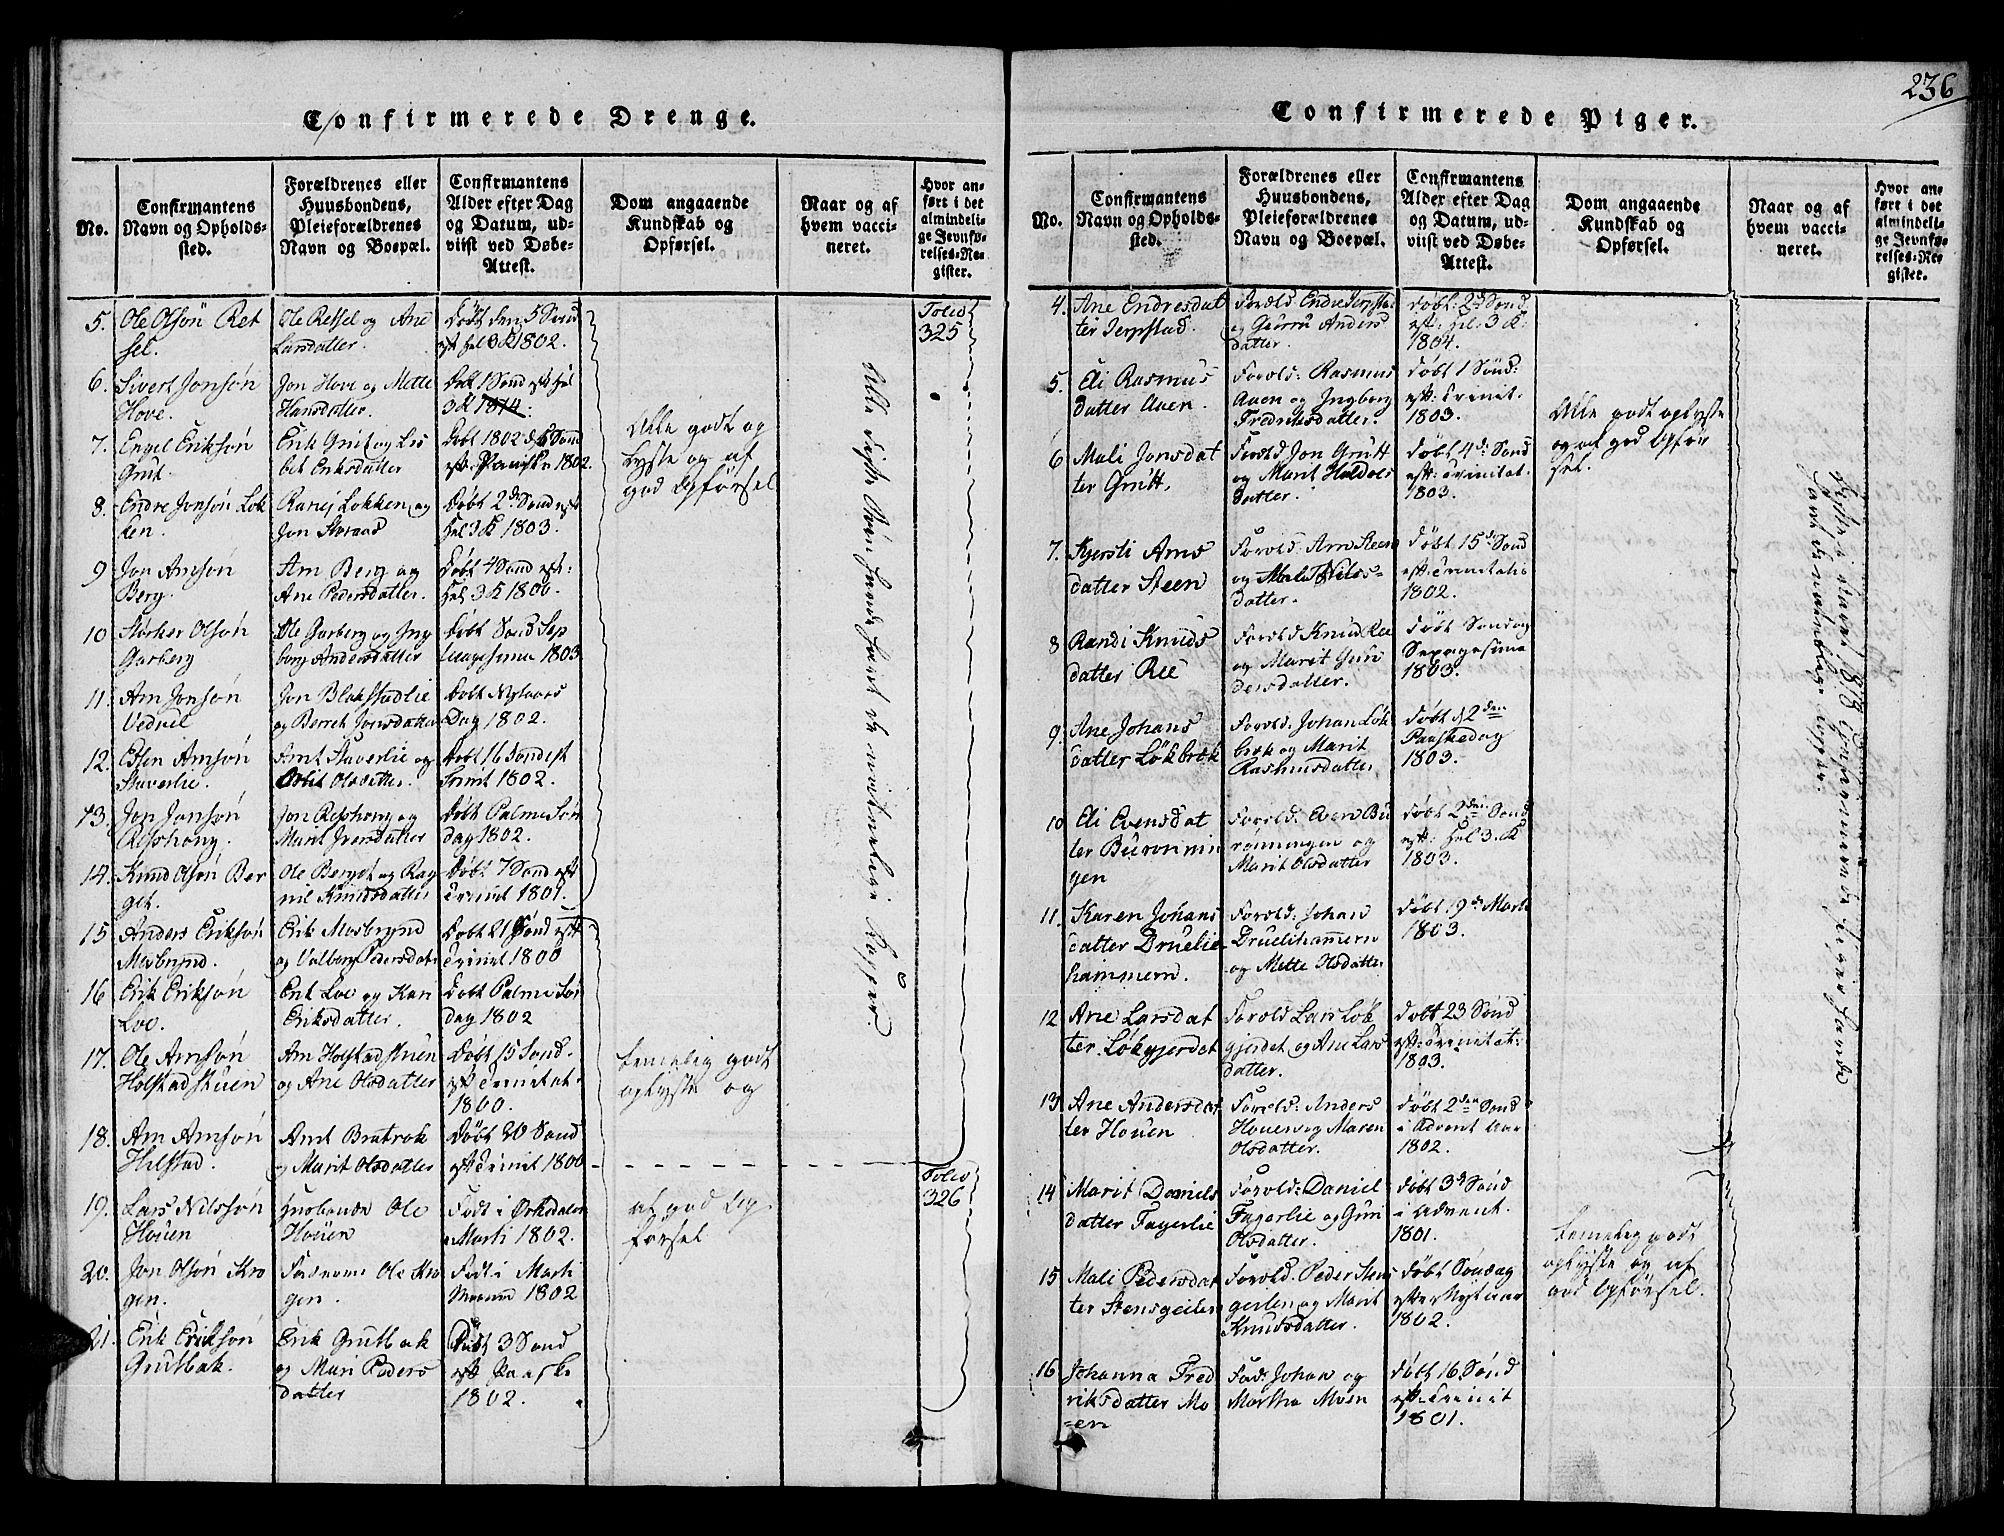 SAT, Ministerialprotokoller, klokkerbøker og fødselsregistre - Sør-Trøndelag, 672/L0853: Ministerialbok nr. 672A06 /1, 1816-1829, s. 236